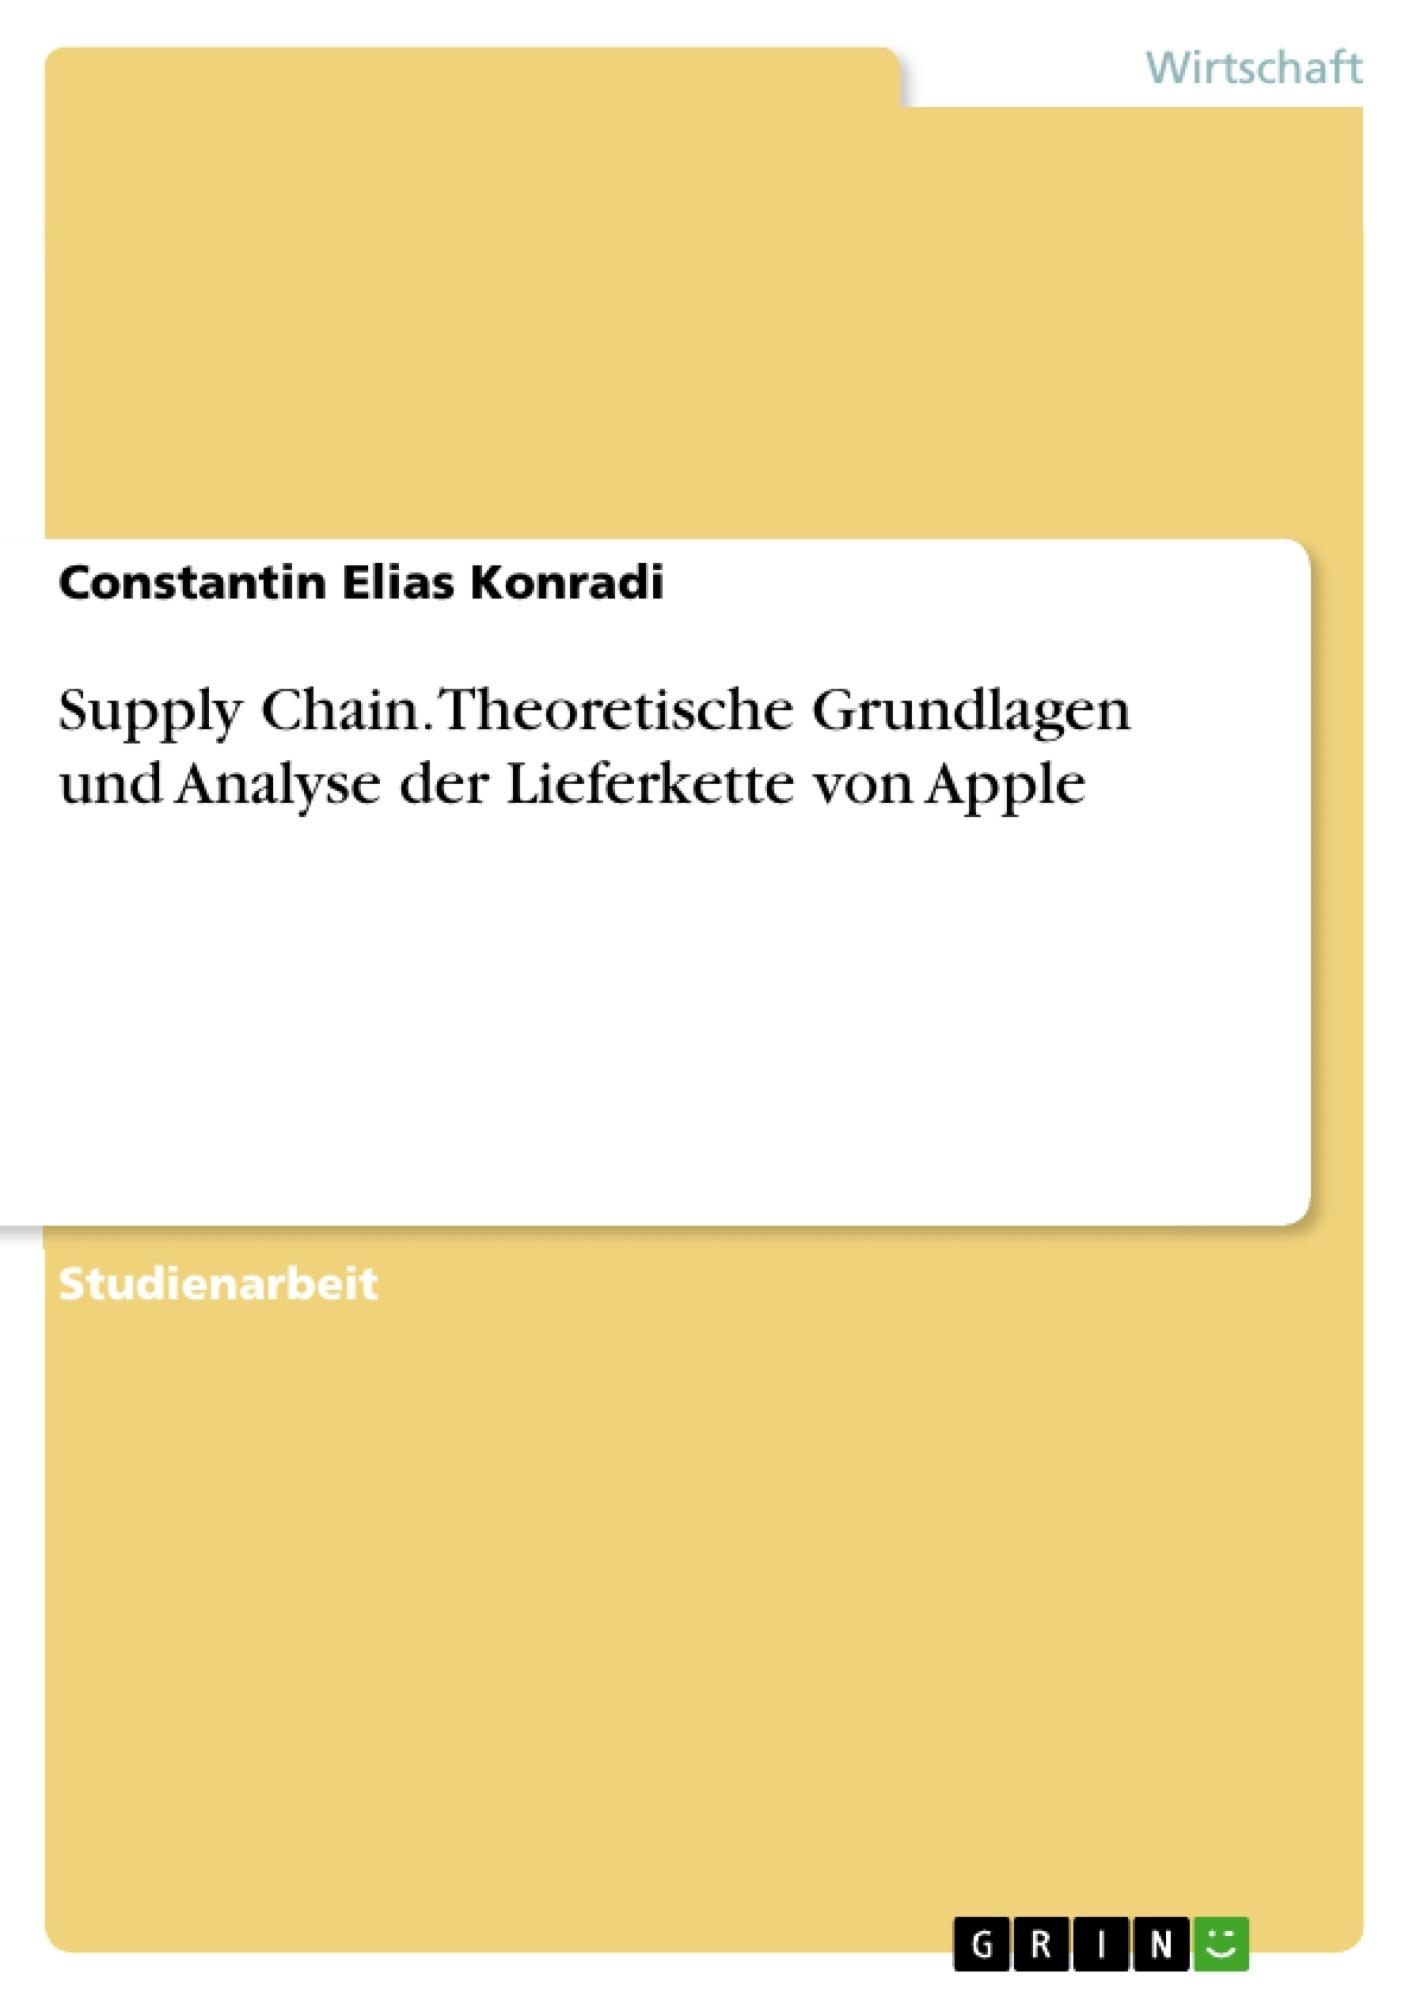 Titel: Supply Chain. Theoretische Grundlagen und Analyse der Lieferkette von Apple